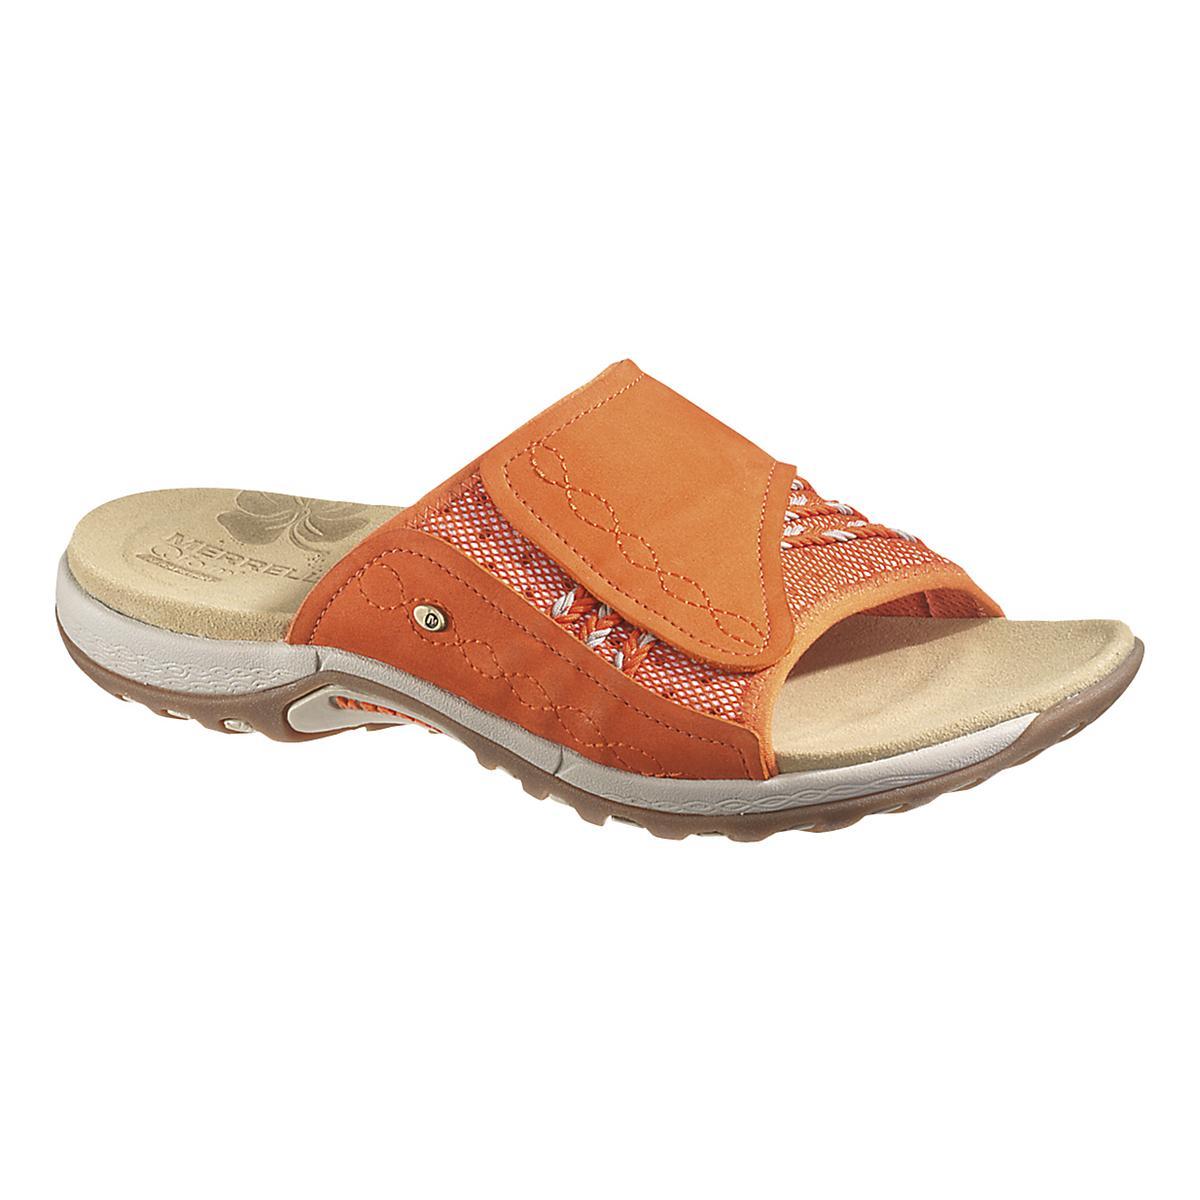 f667a6f8c830 Womens Merrell Lilyfern Sandals Shoe at Road Runner Sports